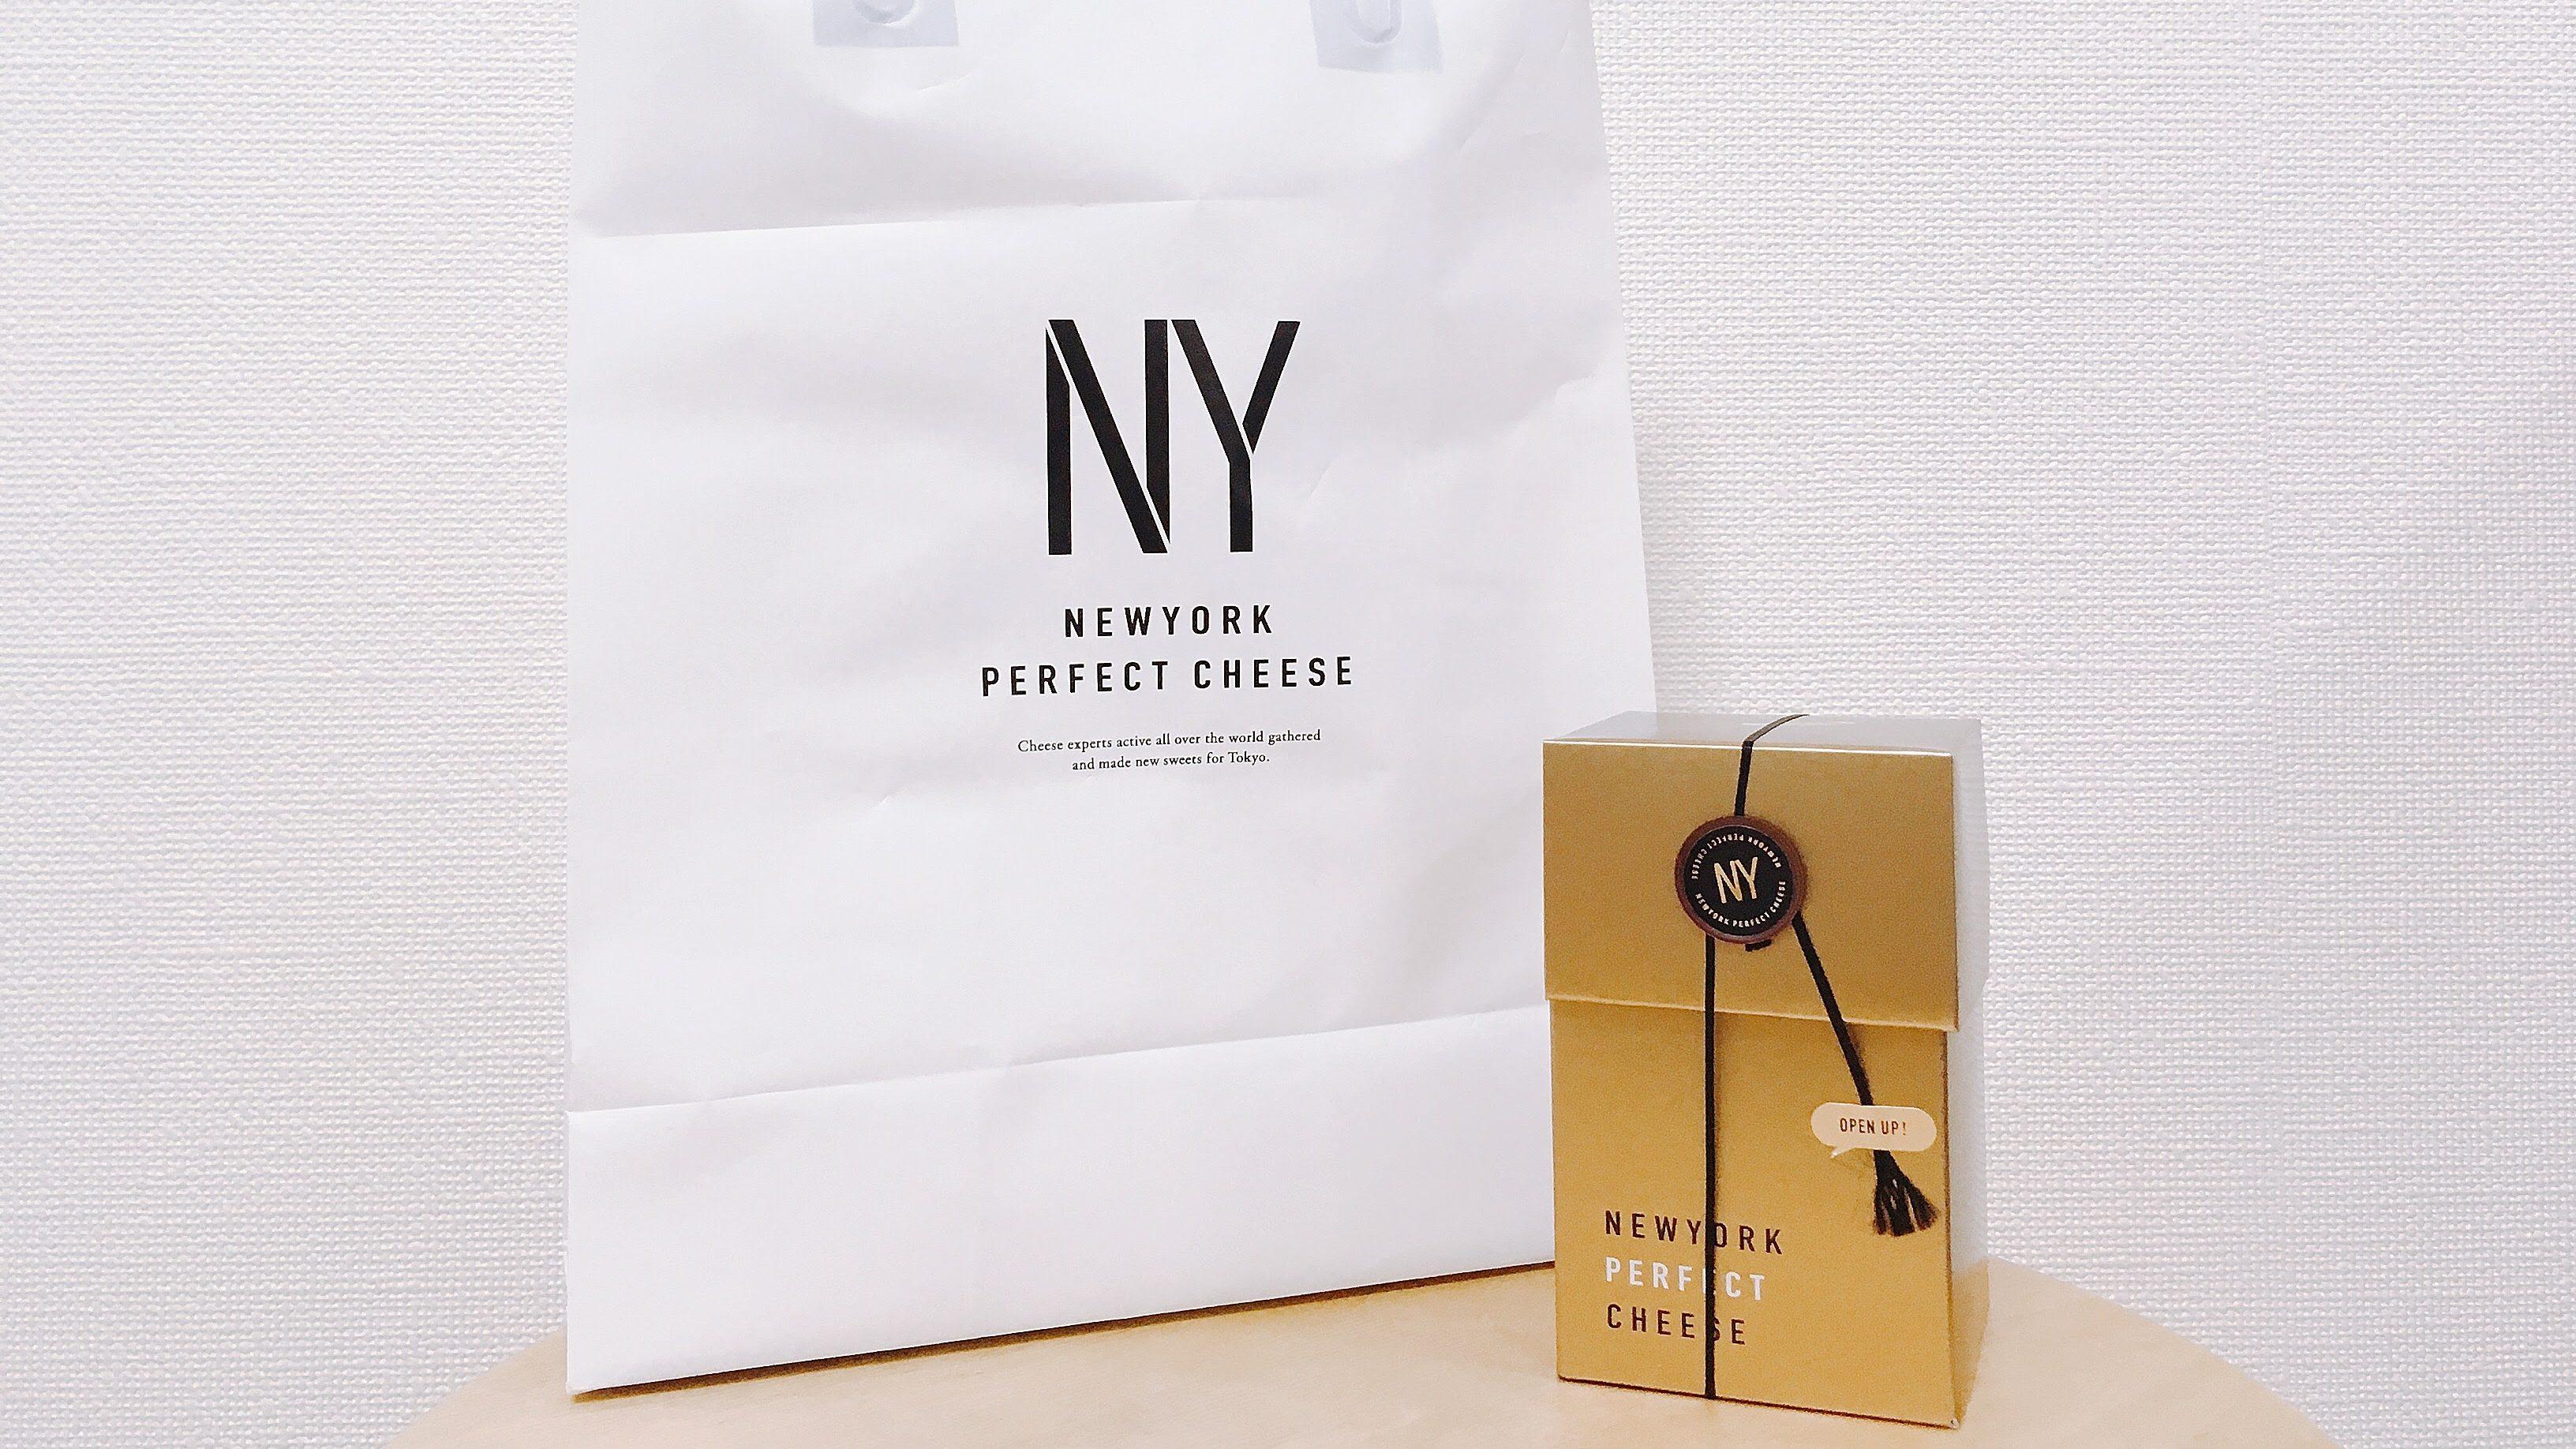 ニューヨークパーフェクトチーズのショッパー・袋